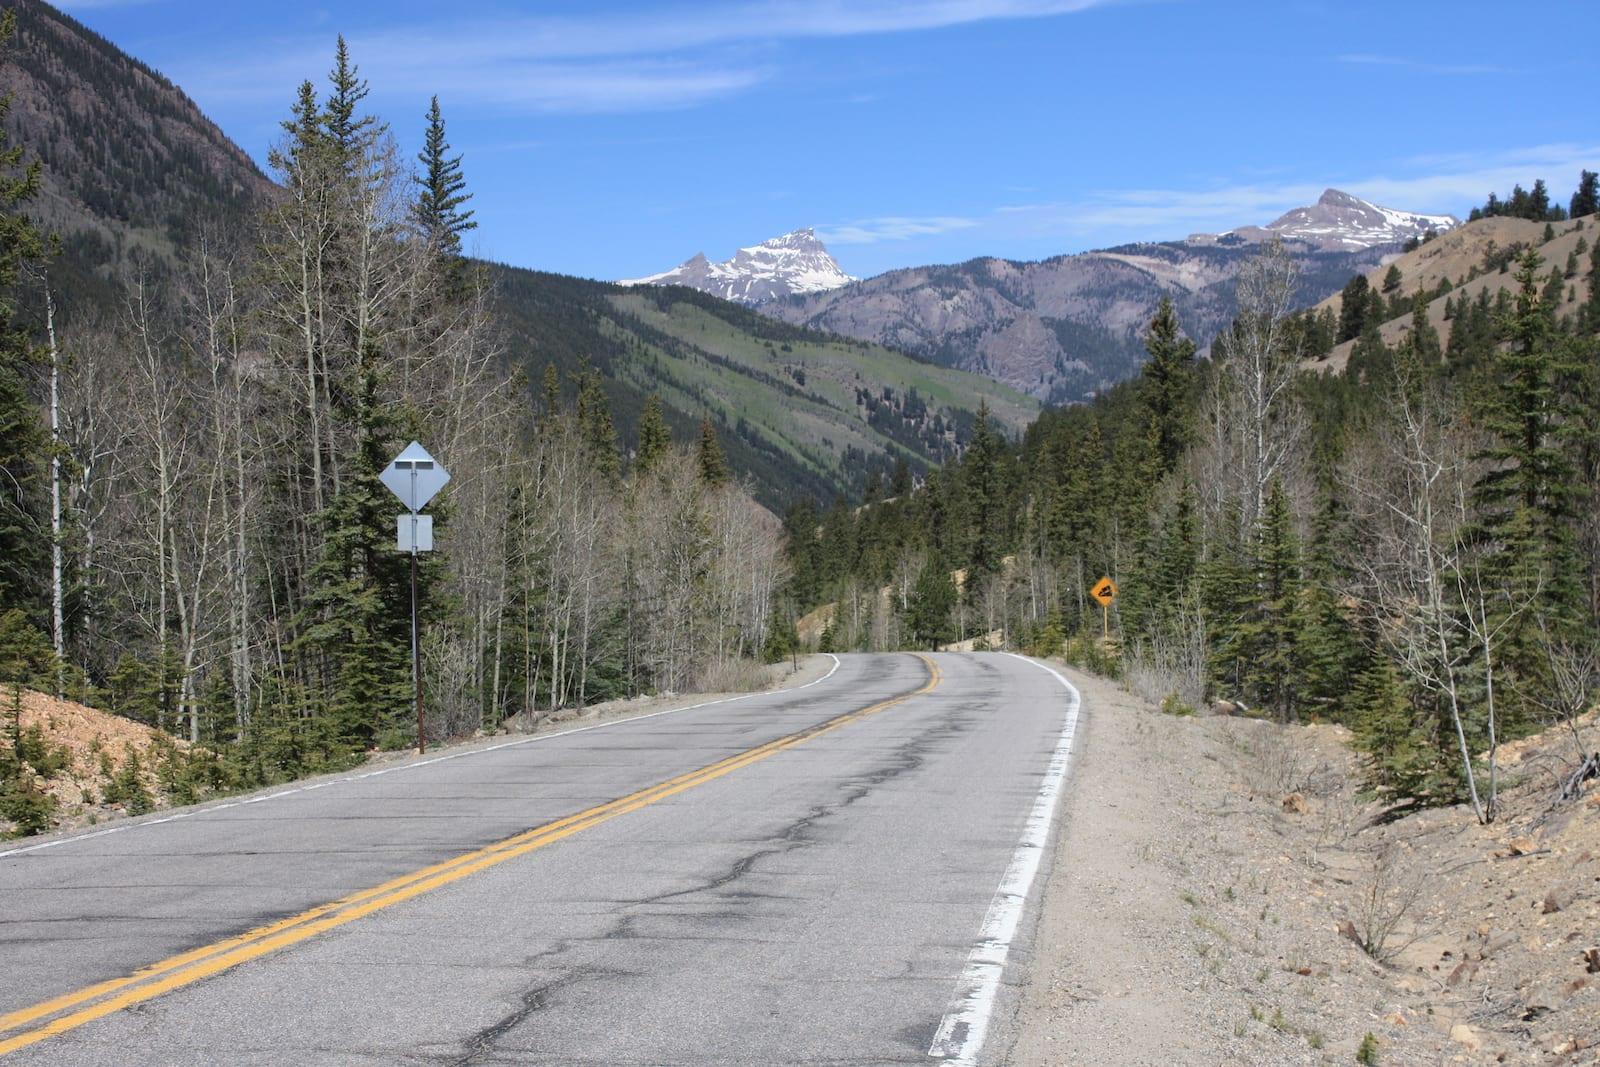 Silver Thread Scenic Byway Uncompahgre Peak